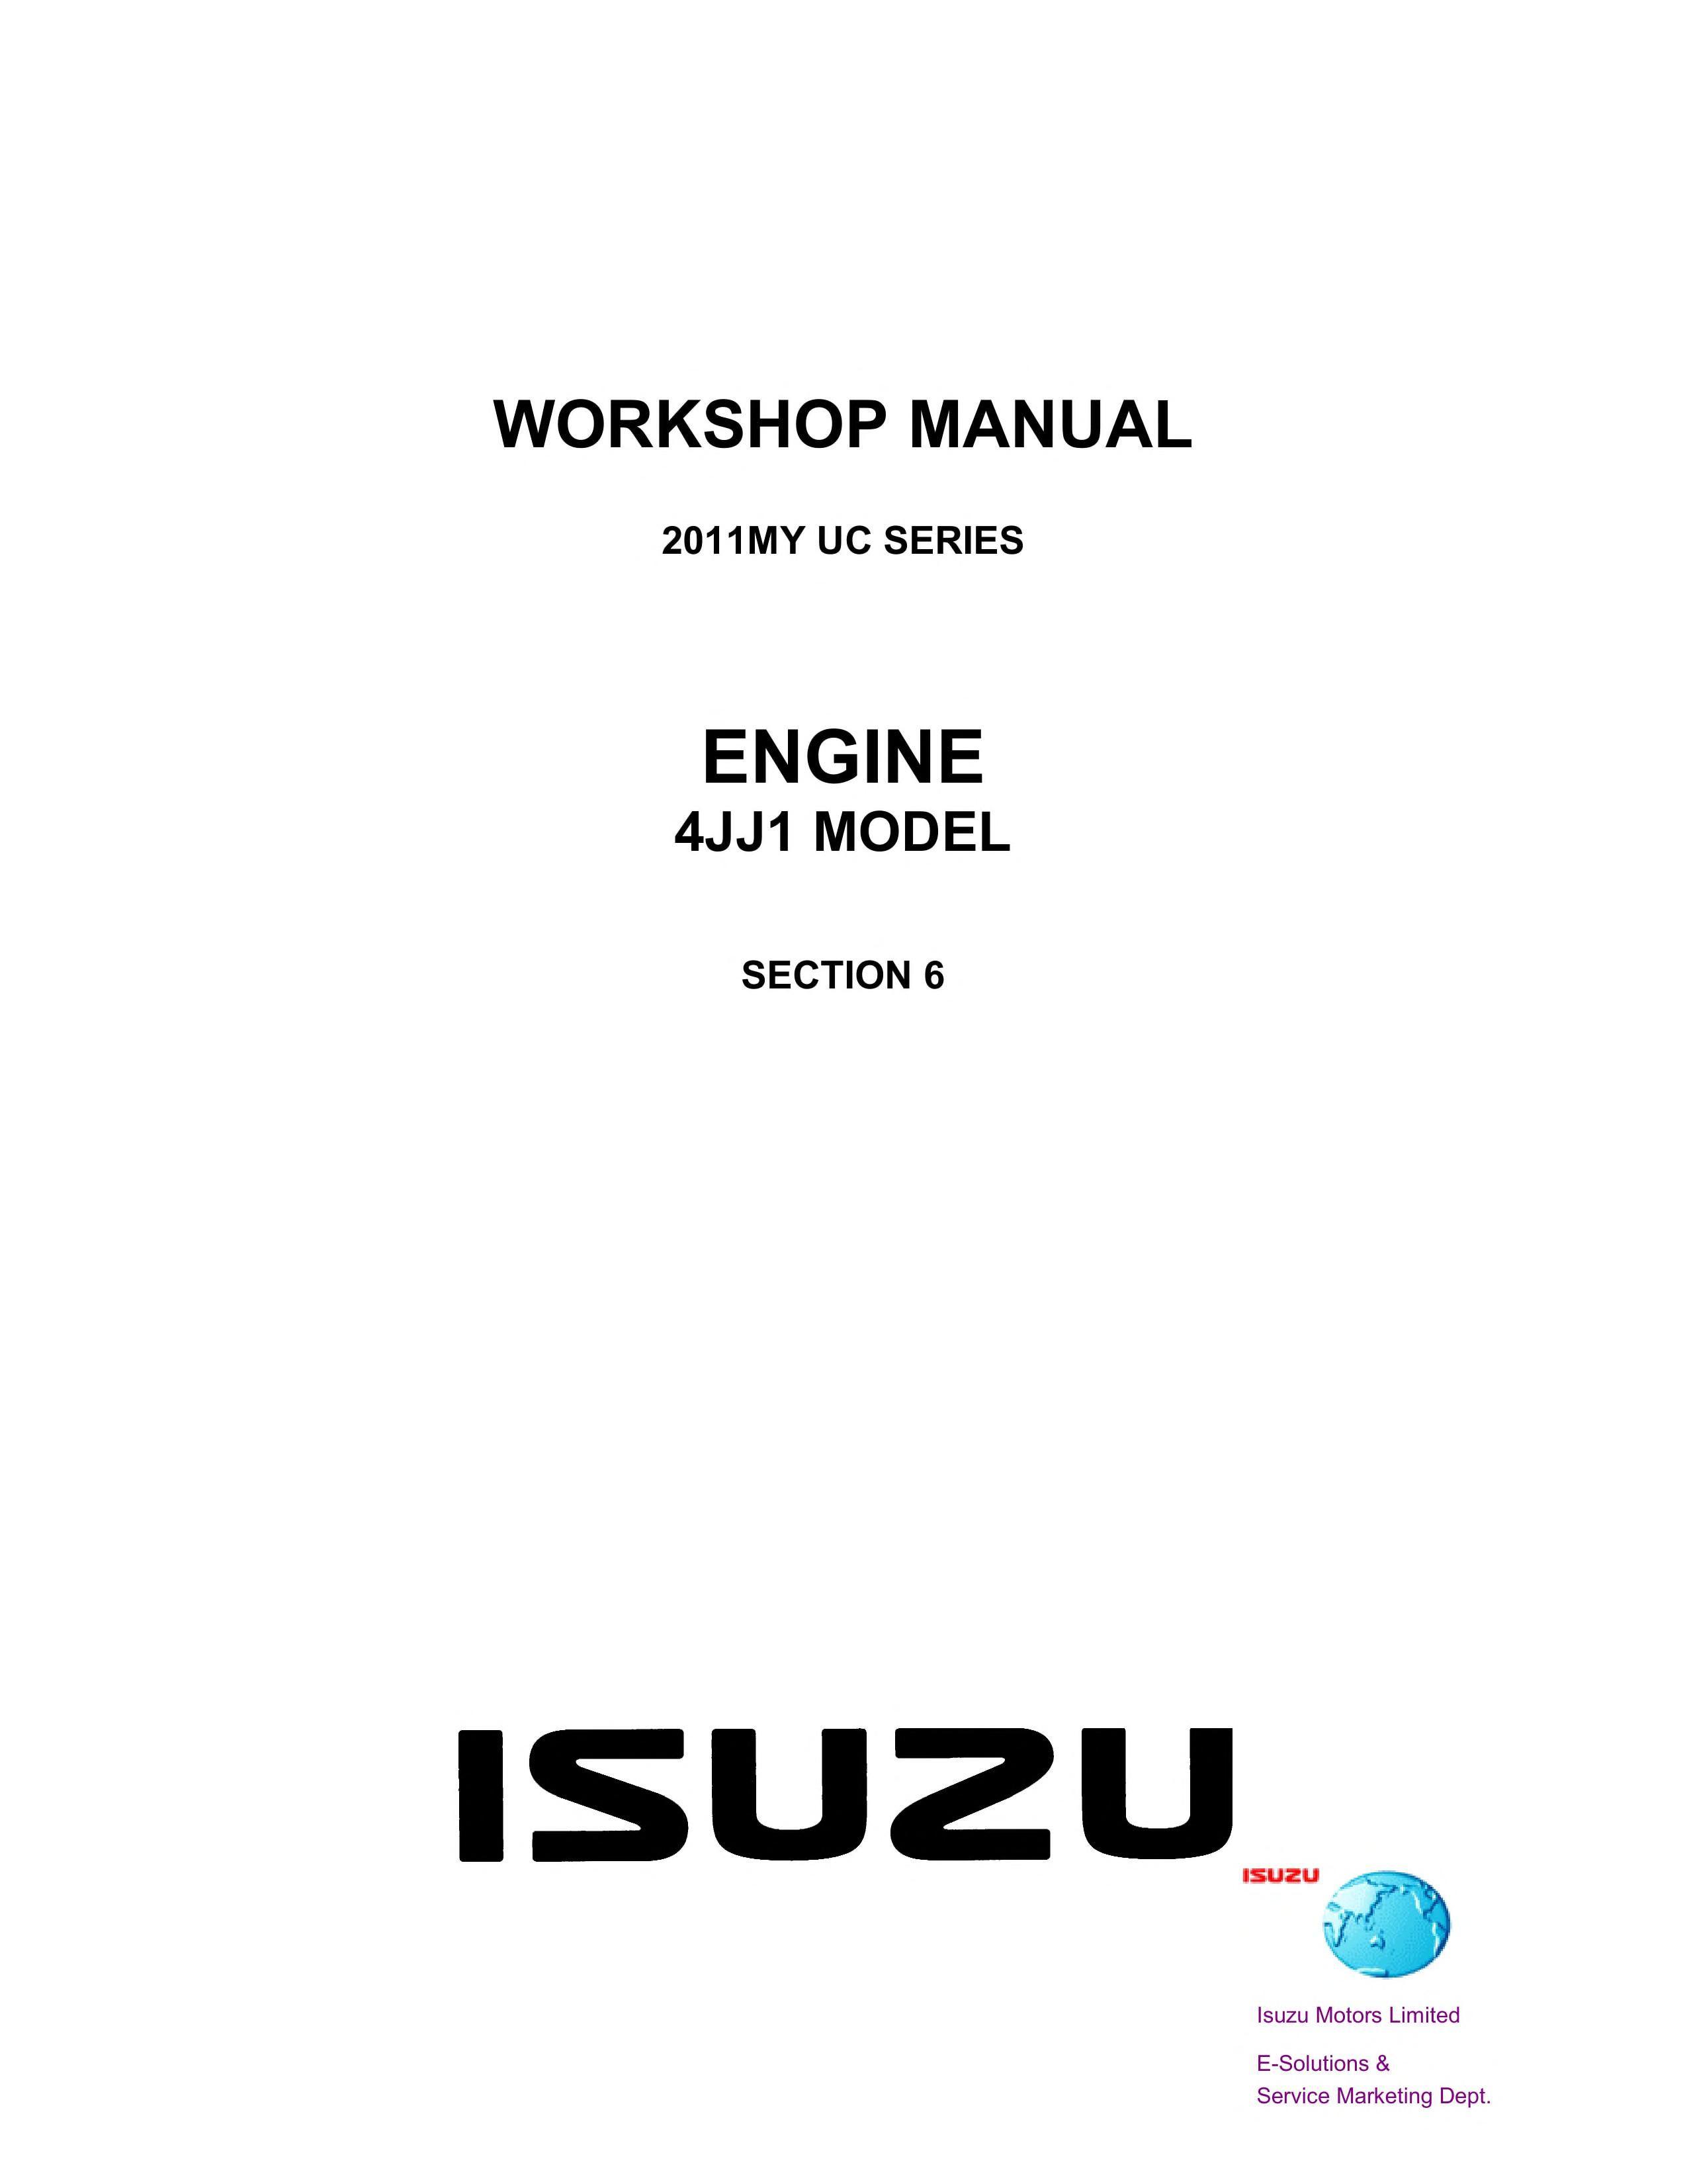 small resolution of isuzu d max 2011 4jj1 engine service manual pdf pdfy mirror